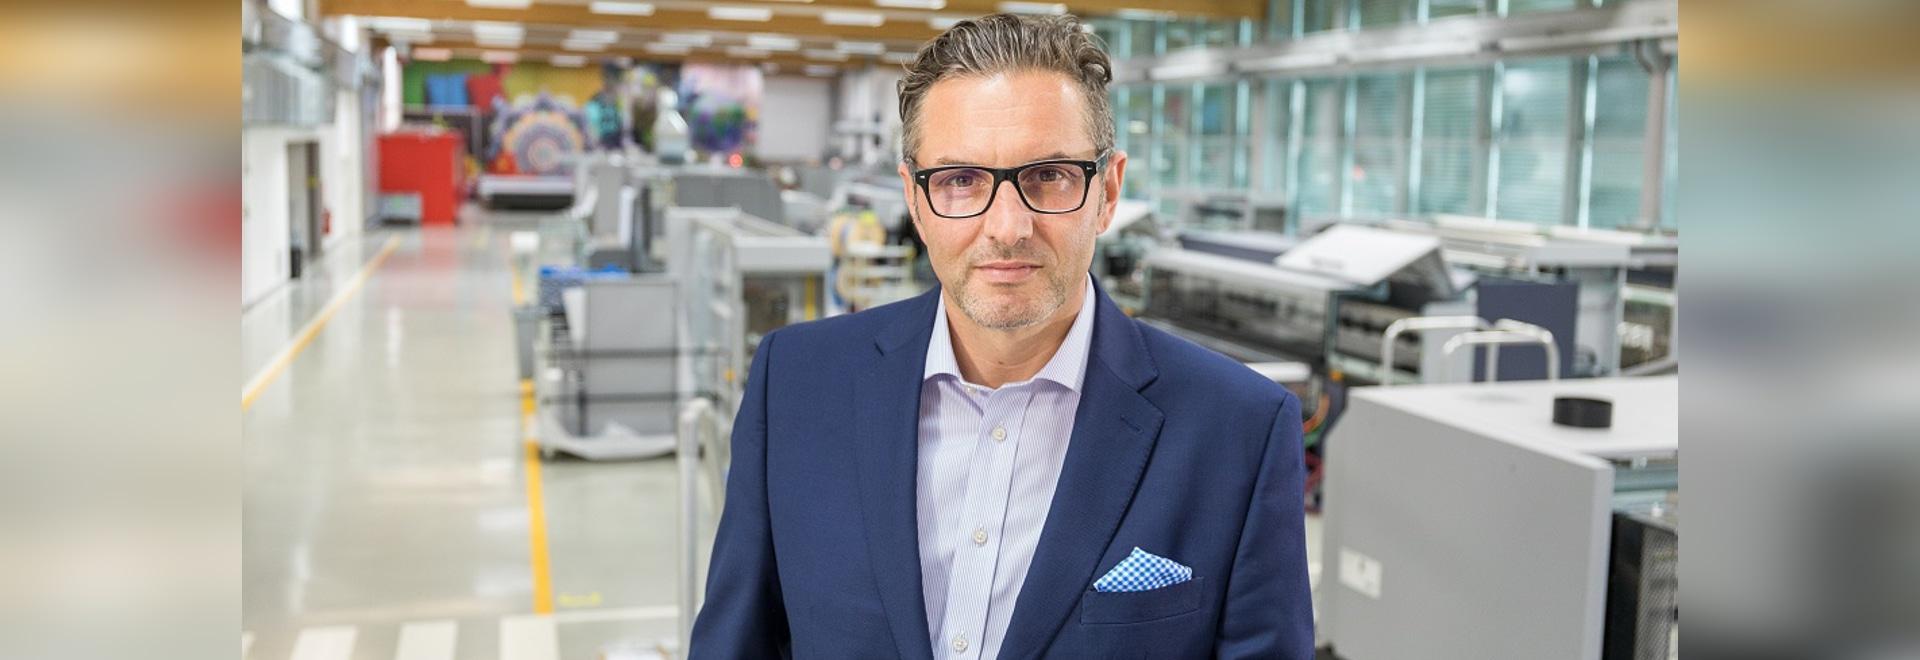 Durst and Koenig & Bauer detail new digital venture